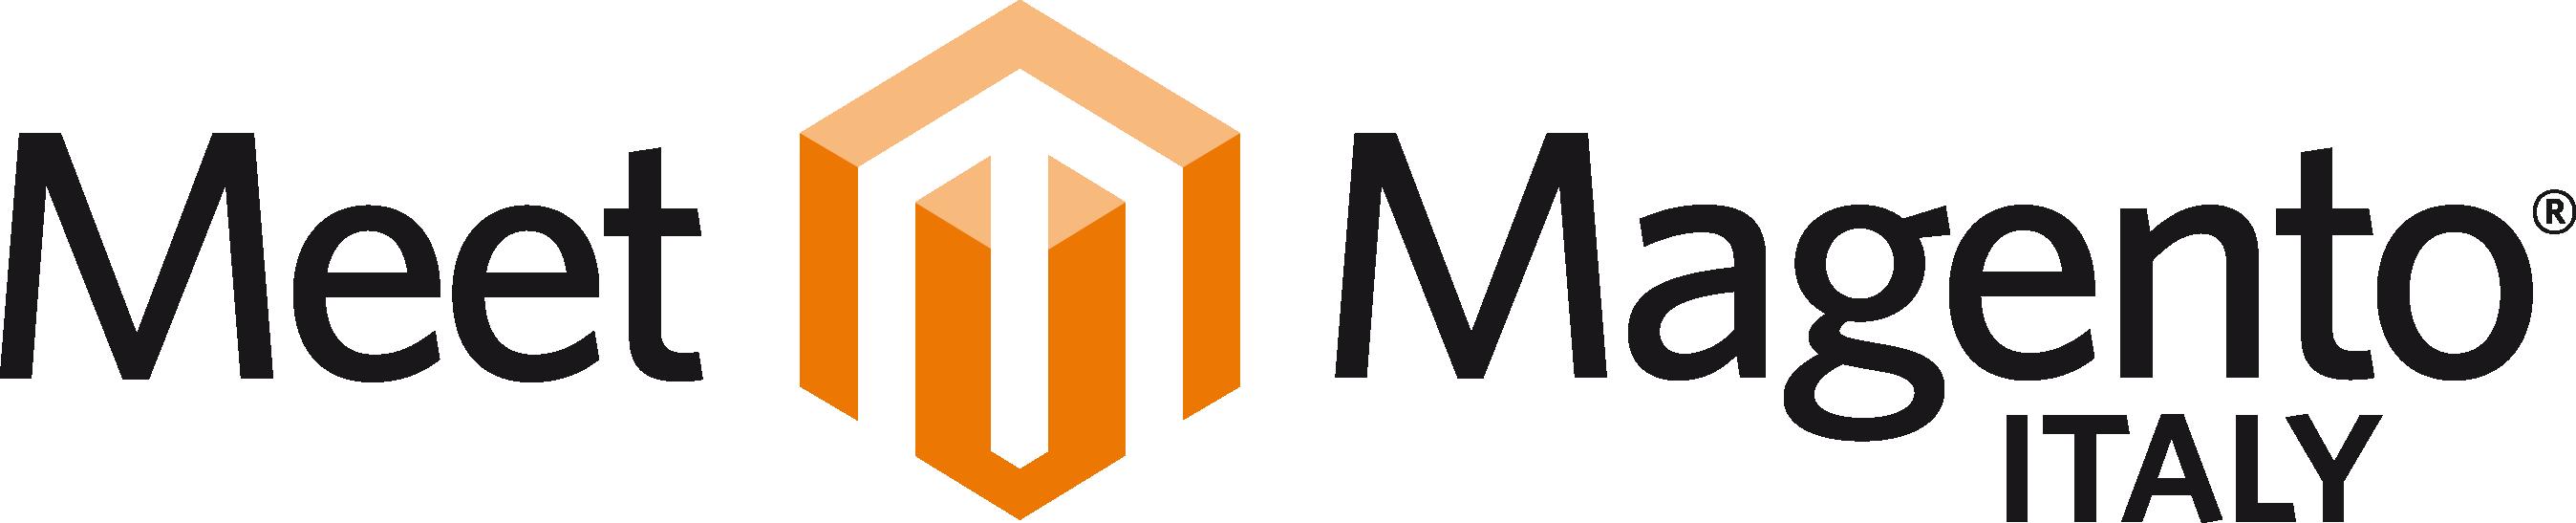 Meet-Magento-ITALY-logo-cmyk